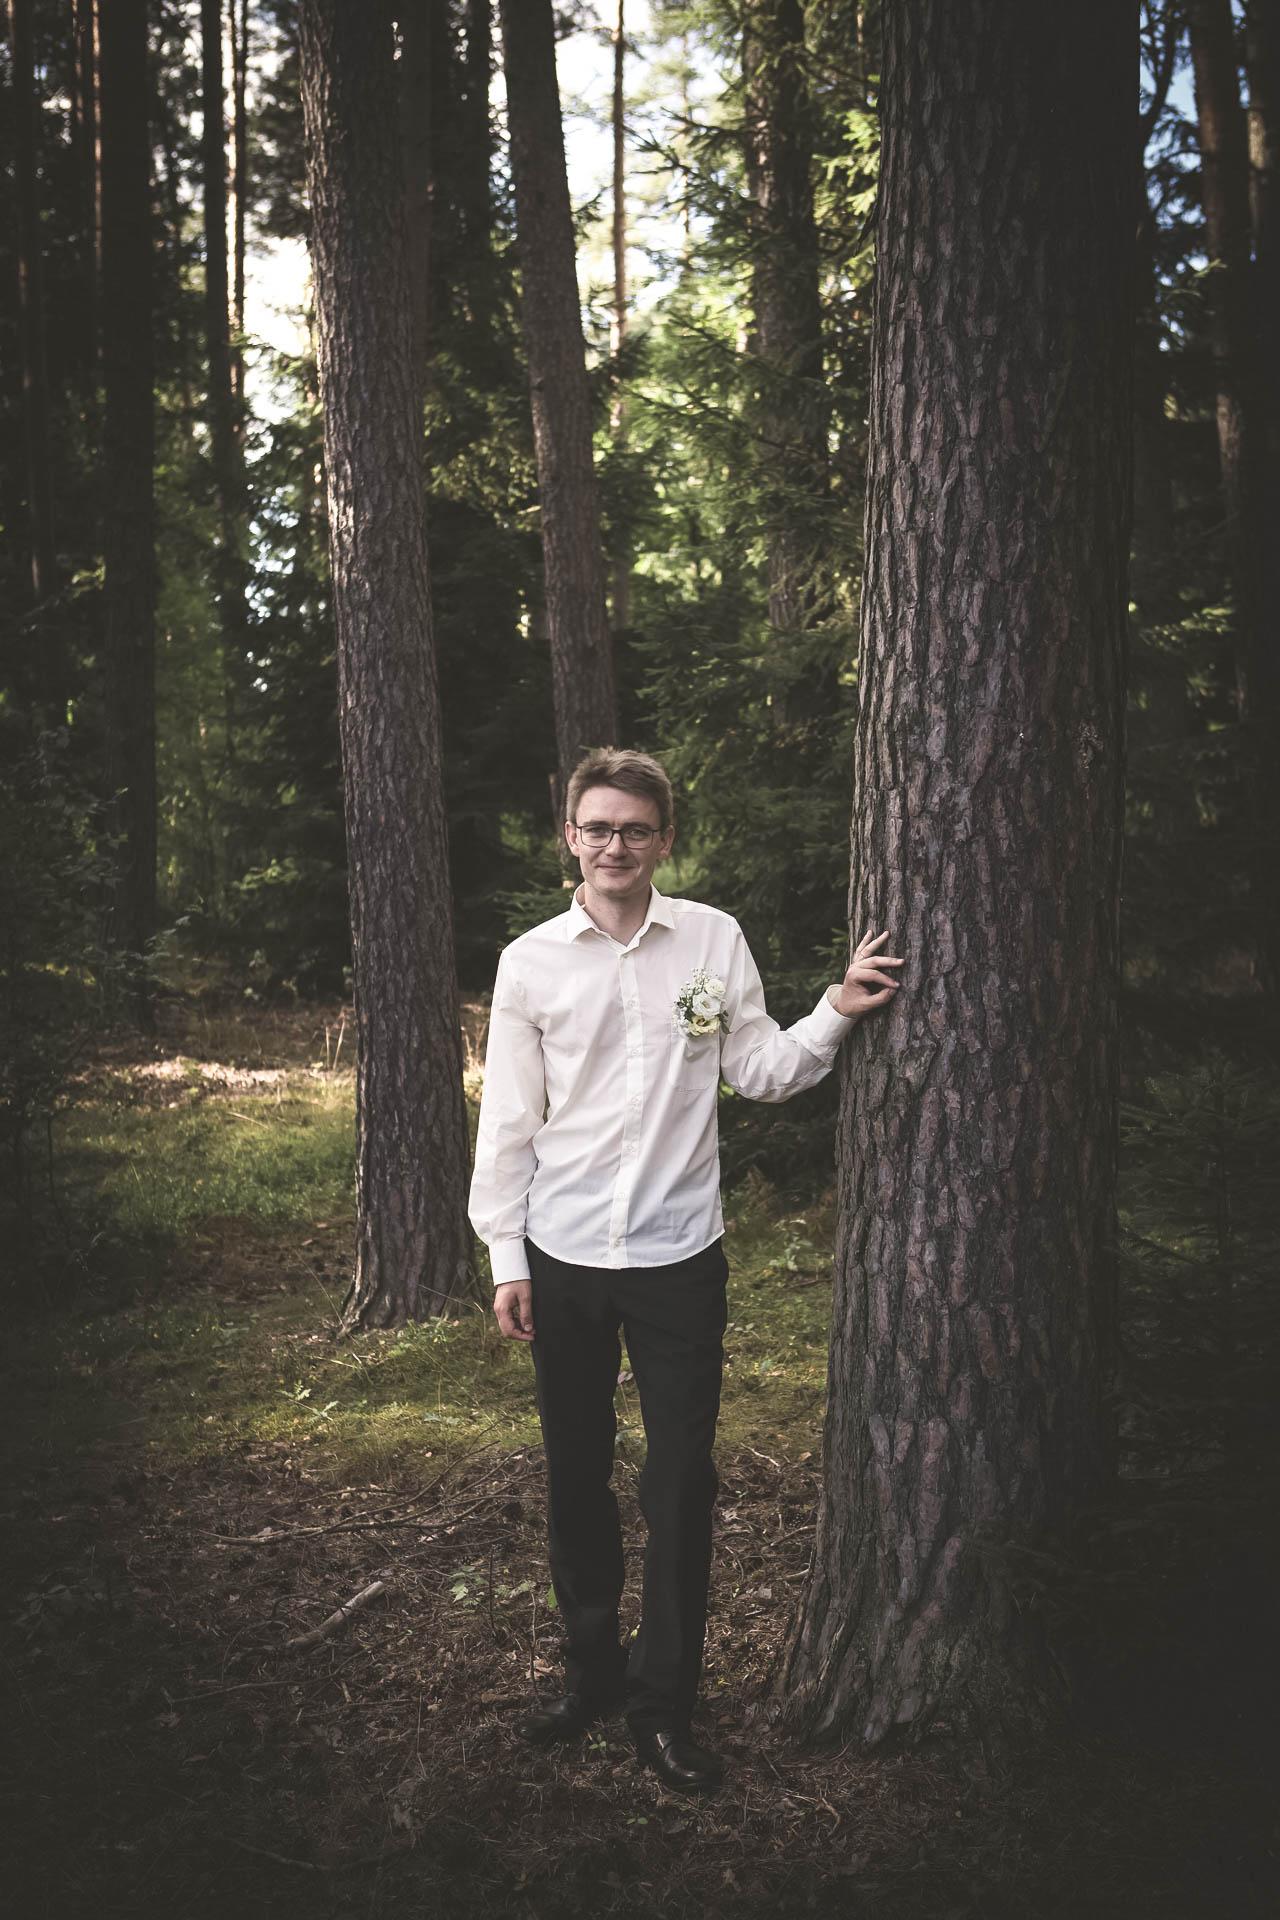 svatební fotograf boho svatba přírodní svatba-55